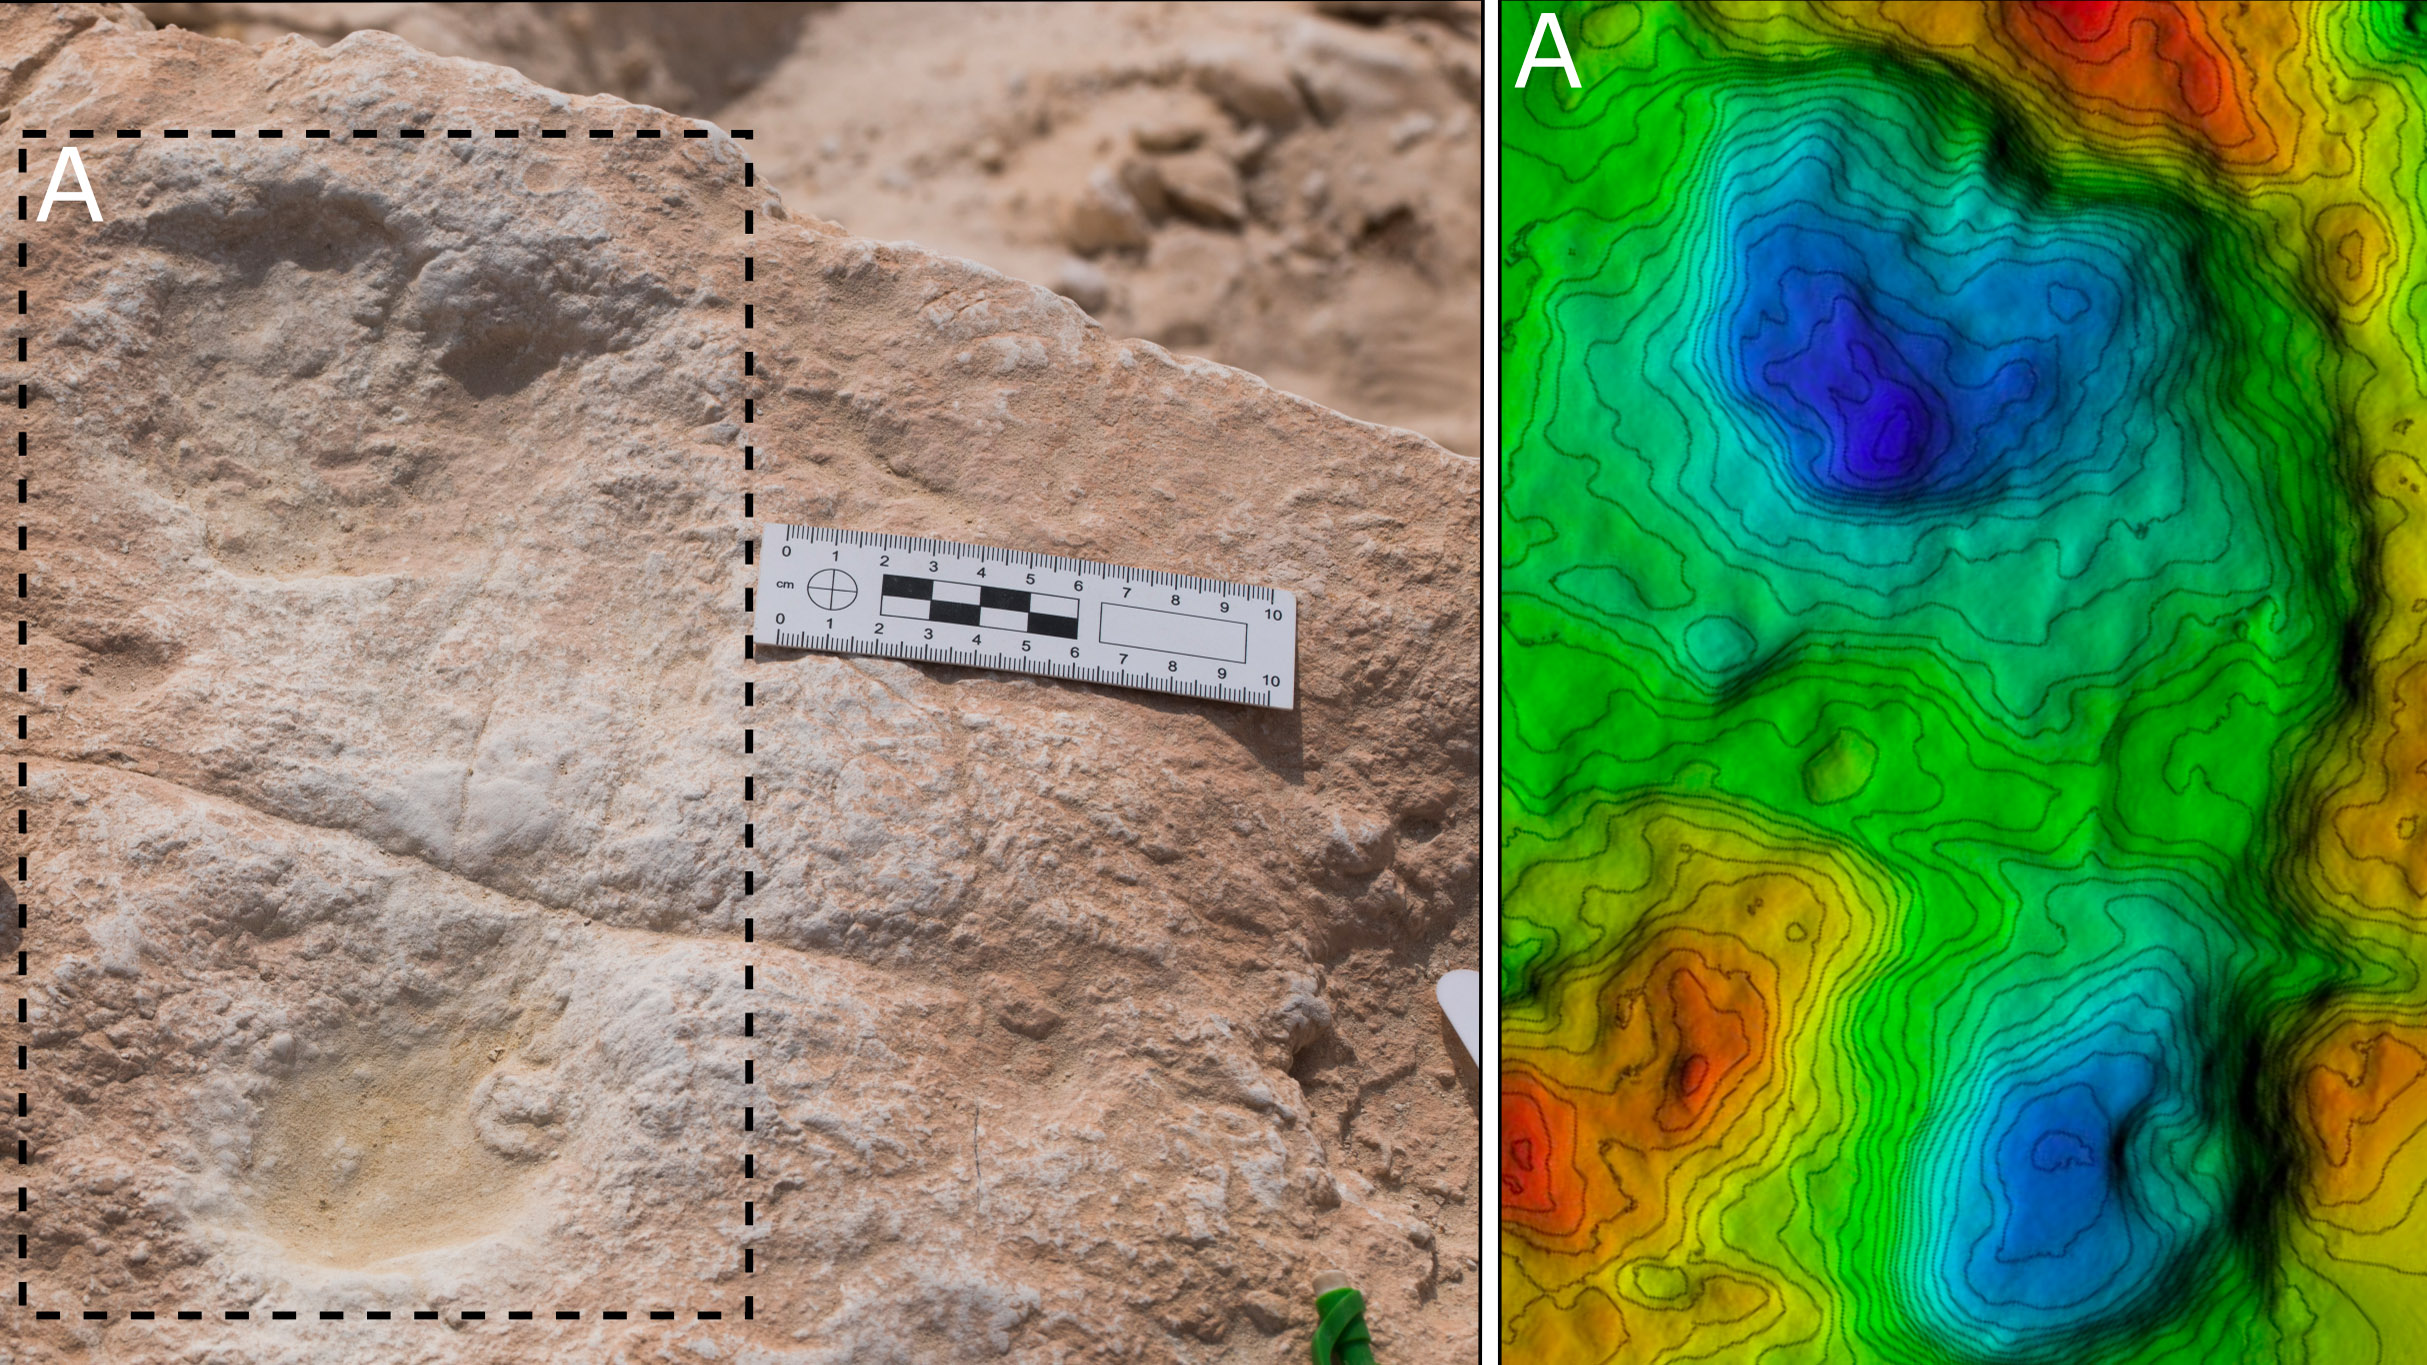 Il s'agit de la première empreinte humaine découverte à Alathar et de son modèle d'élévation numérique correspondant.